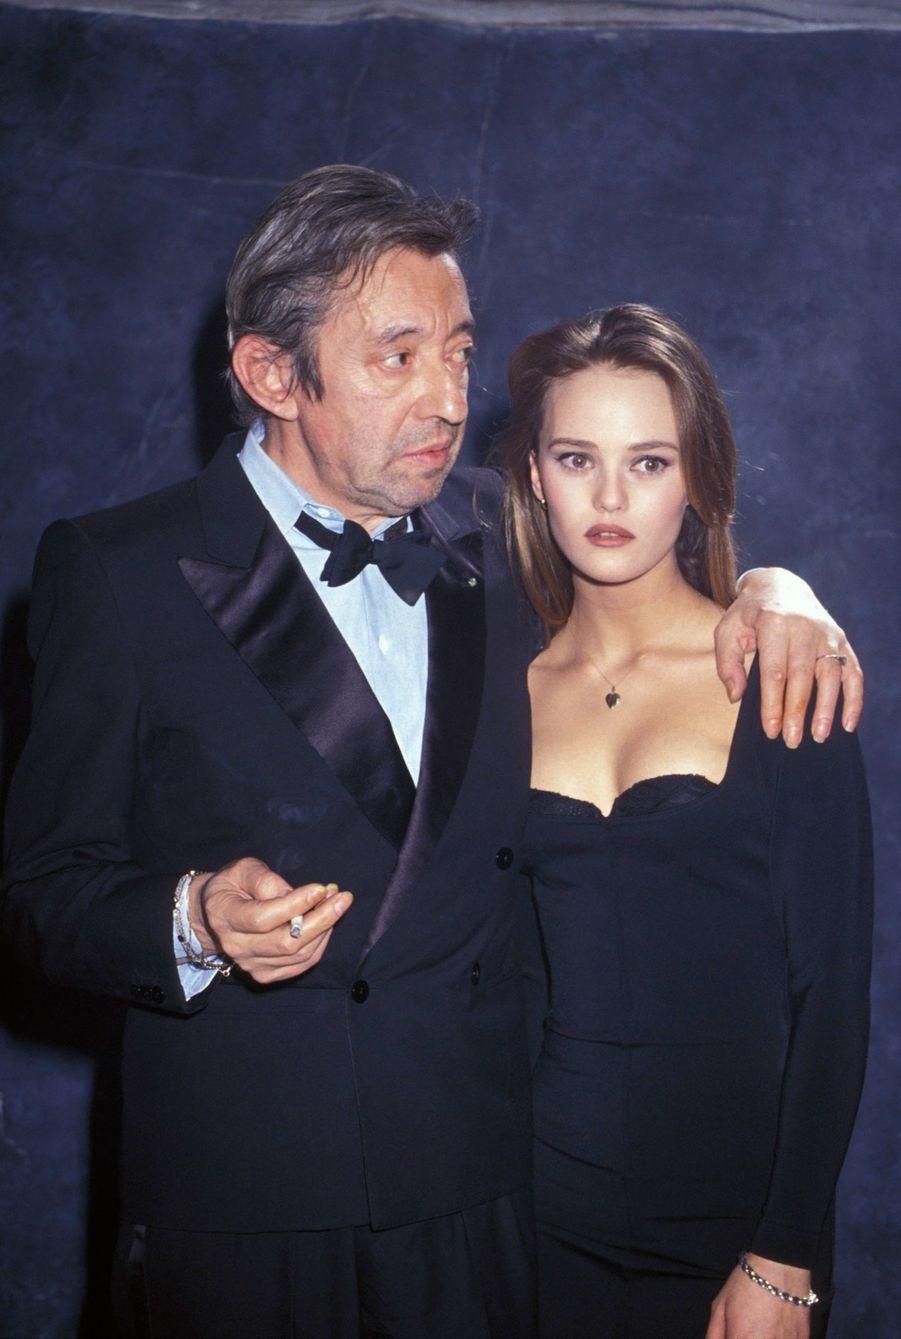 Vanessa Paradis et Serge Gainsbourg sur la scène des Victoires de la Musique, le 3 février 1990 à Paris.